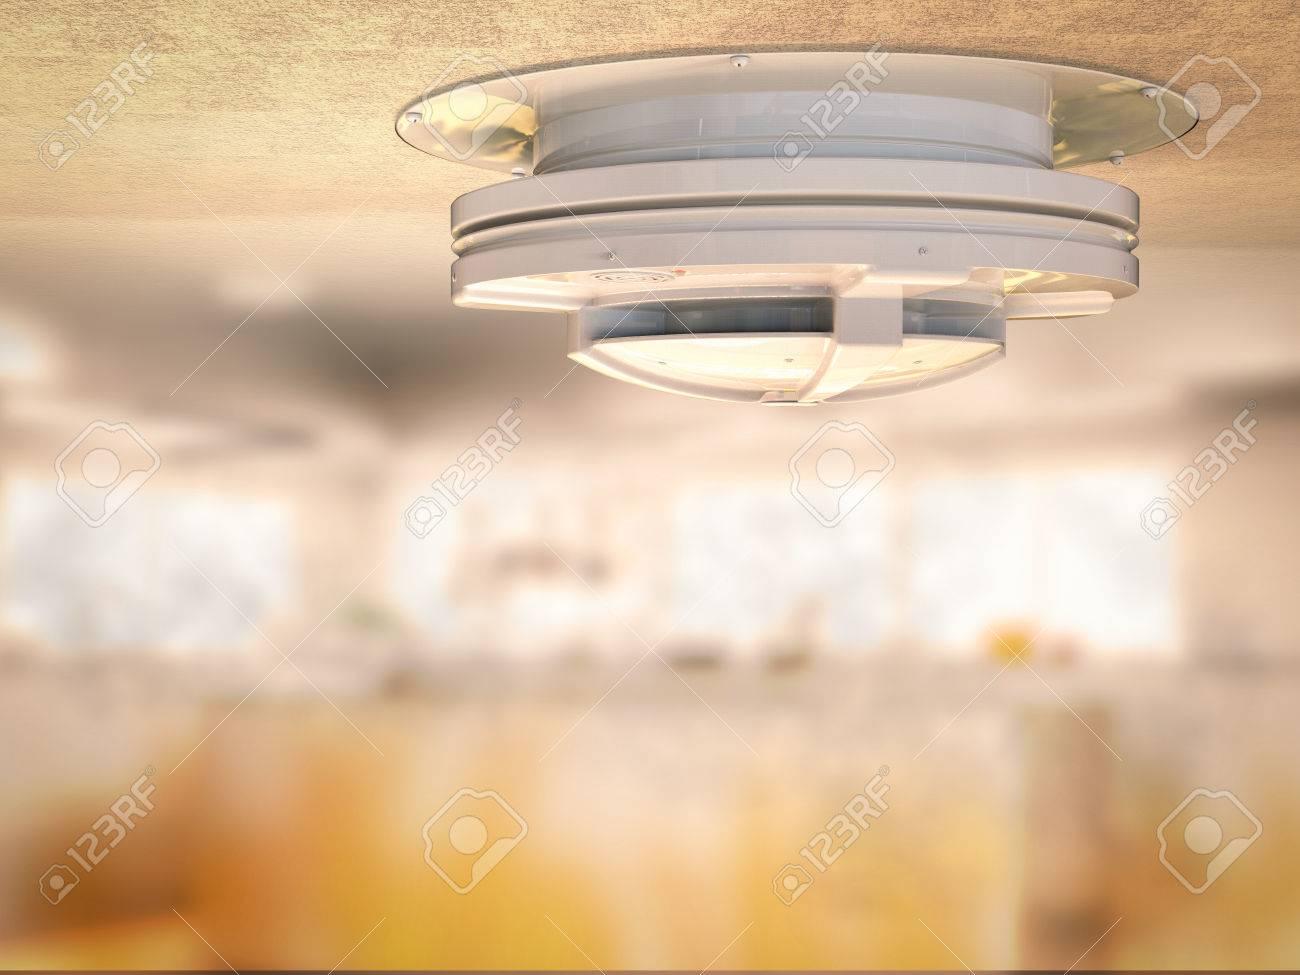 Rauchmelder Für Küche | 3d Rendering Rauchmelder An Der Decke Mit Rauch In Der Kuche